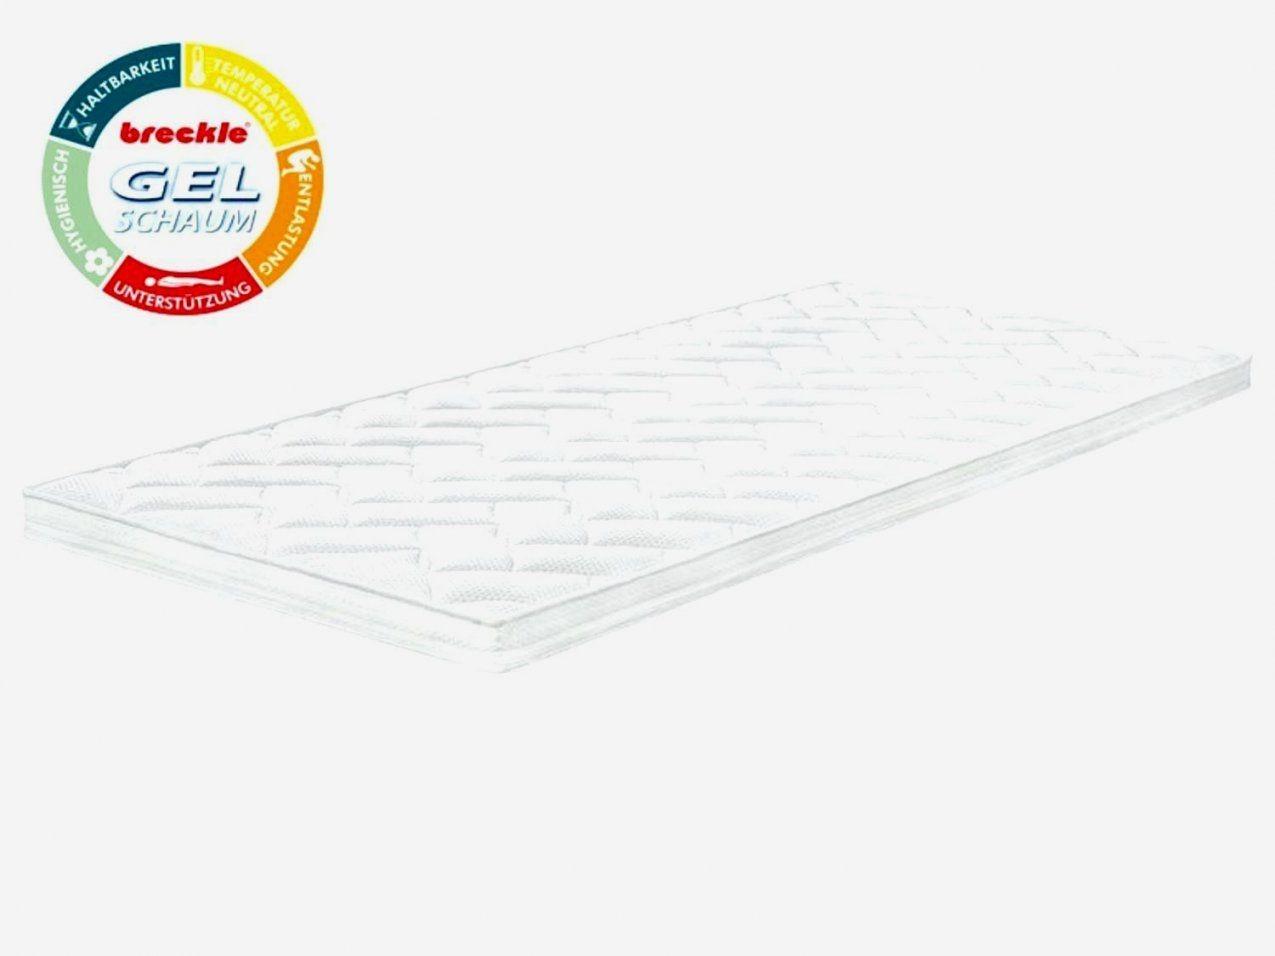 Ausgezeichnet Fan 7 Zonen Kaltschaumkern Matratze Mit Rundes von Fan 7 Zonen Kaltschaumkern Matratze Mit Noppenschaumauflage Photo